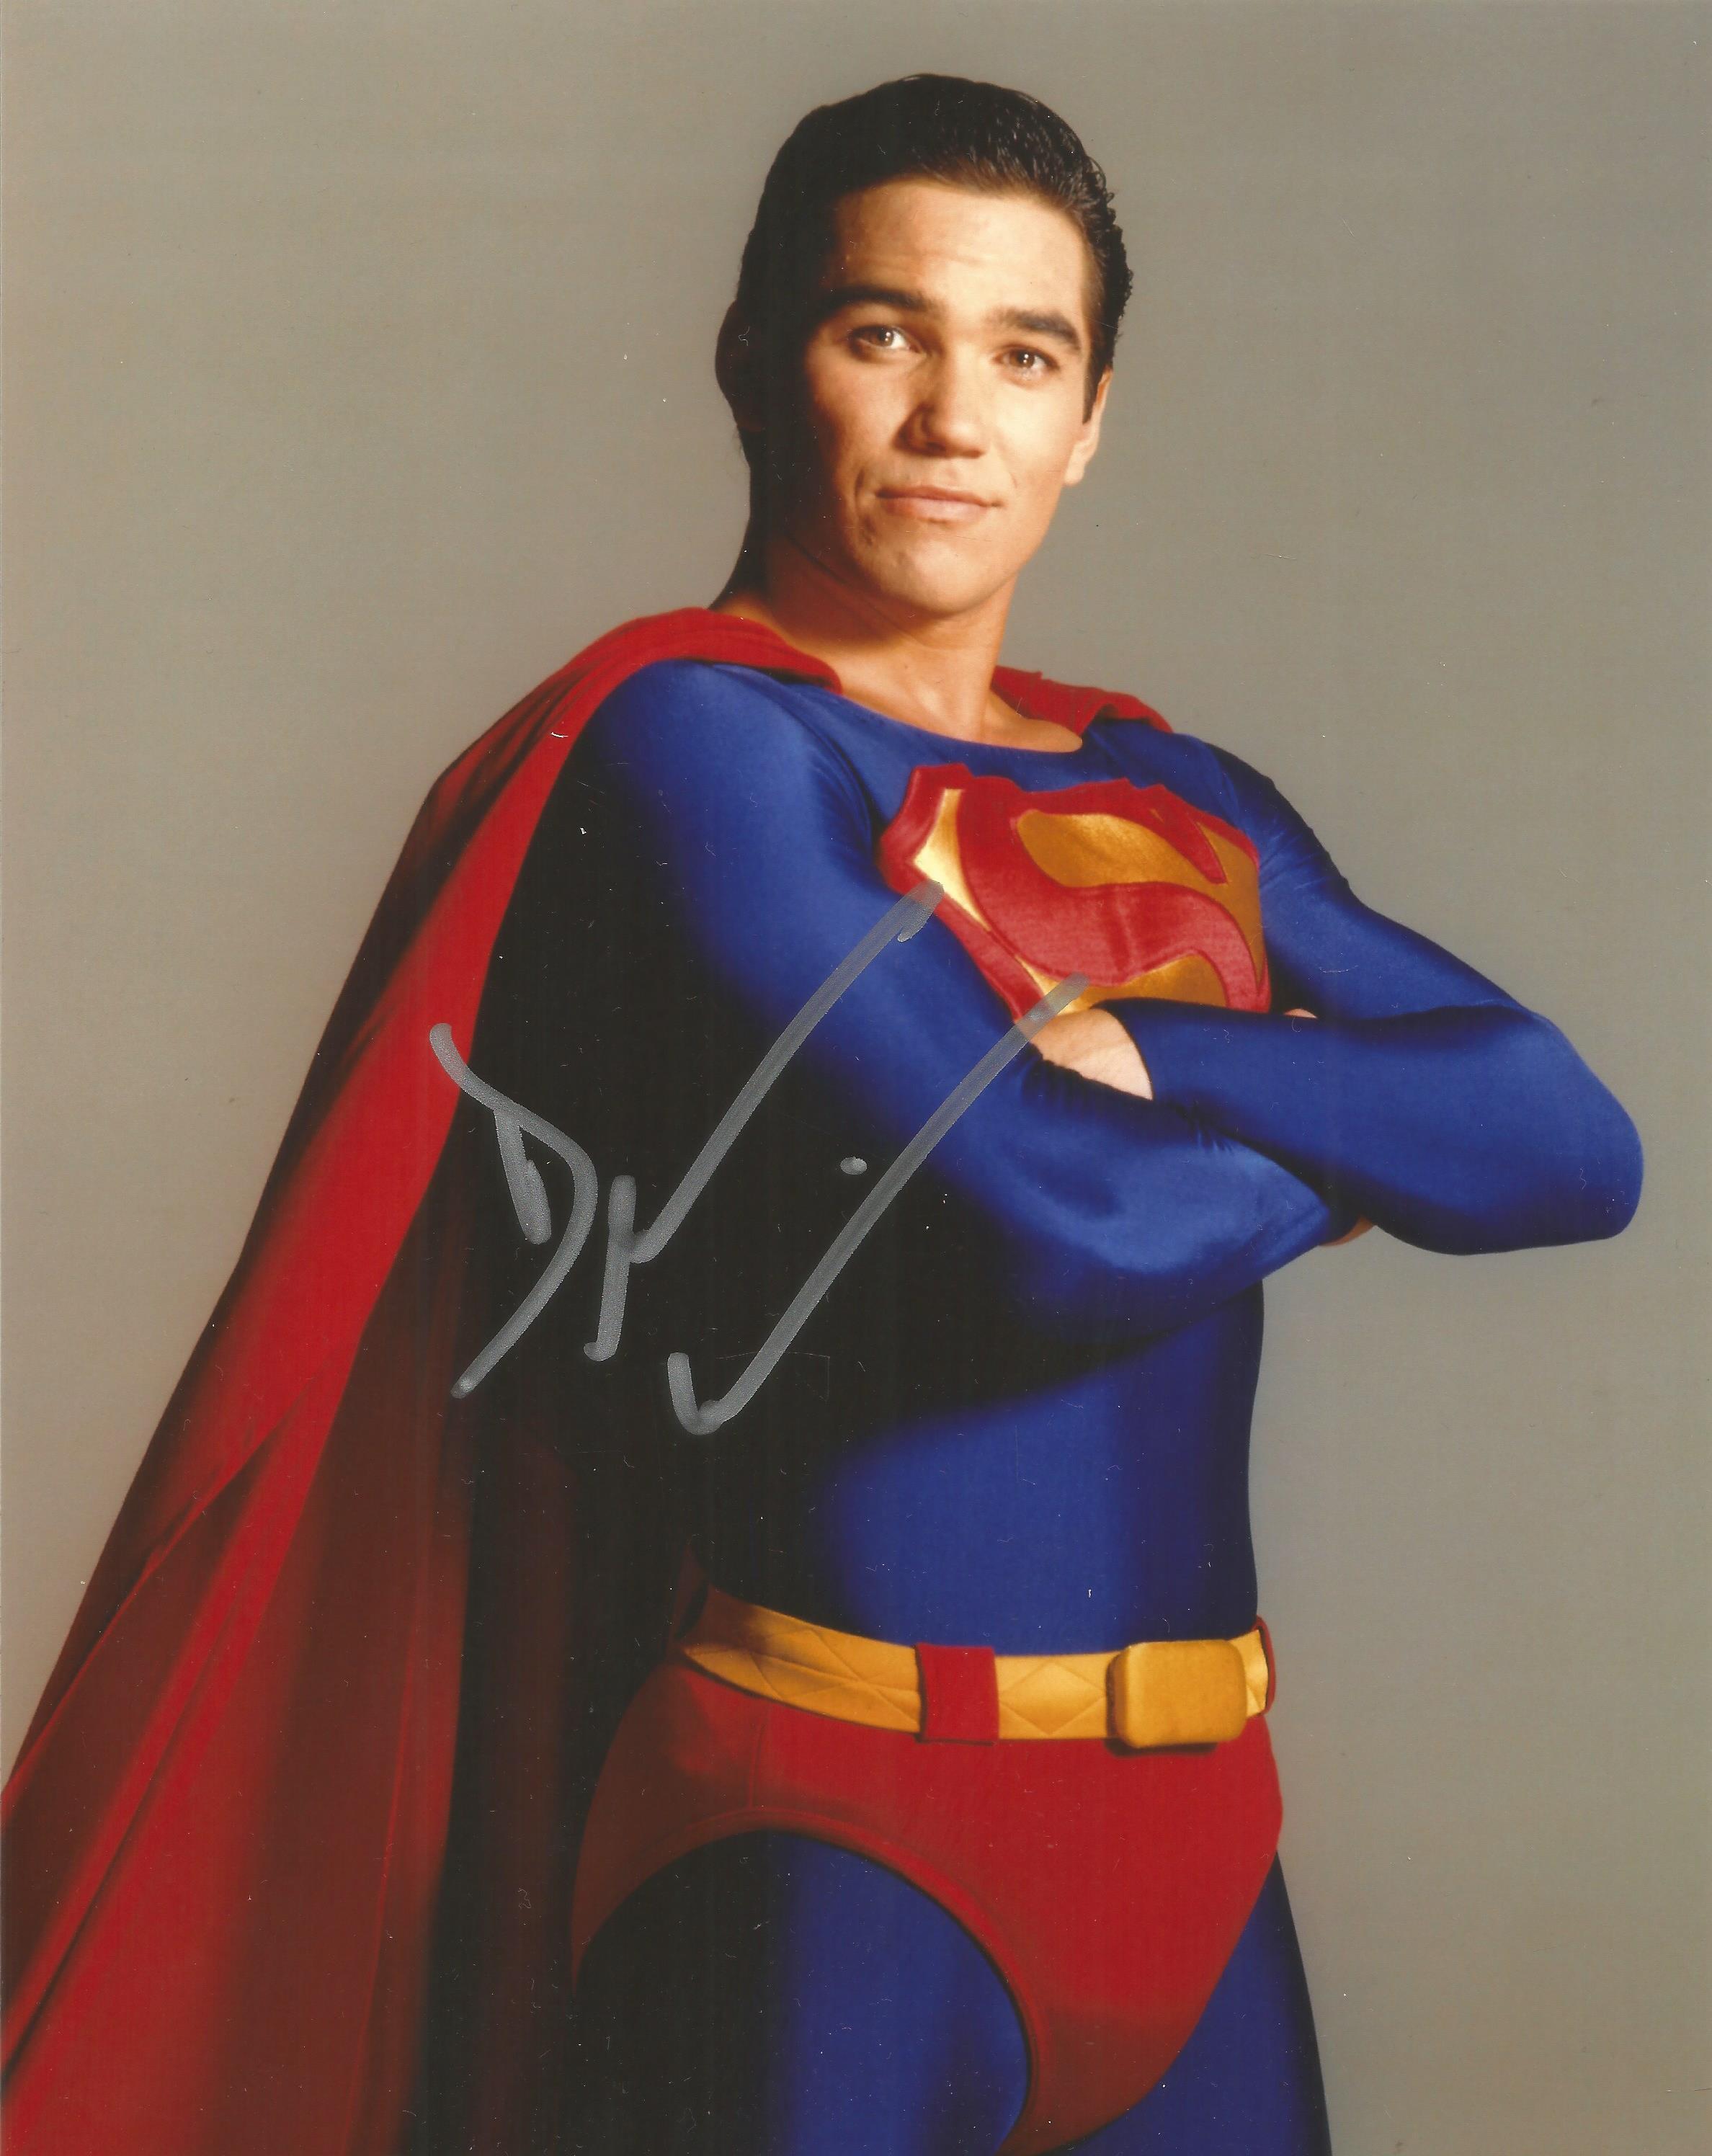 Dean Cain signed 10x8 Superman colour photo. Dean George Cain (né Tanaka; born July 31, 1966) is